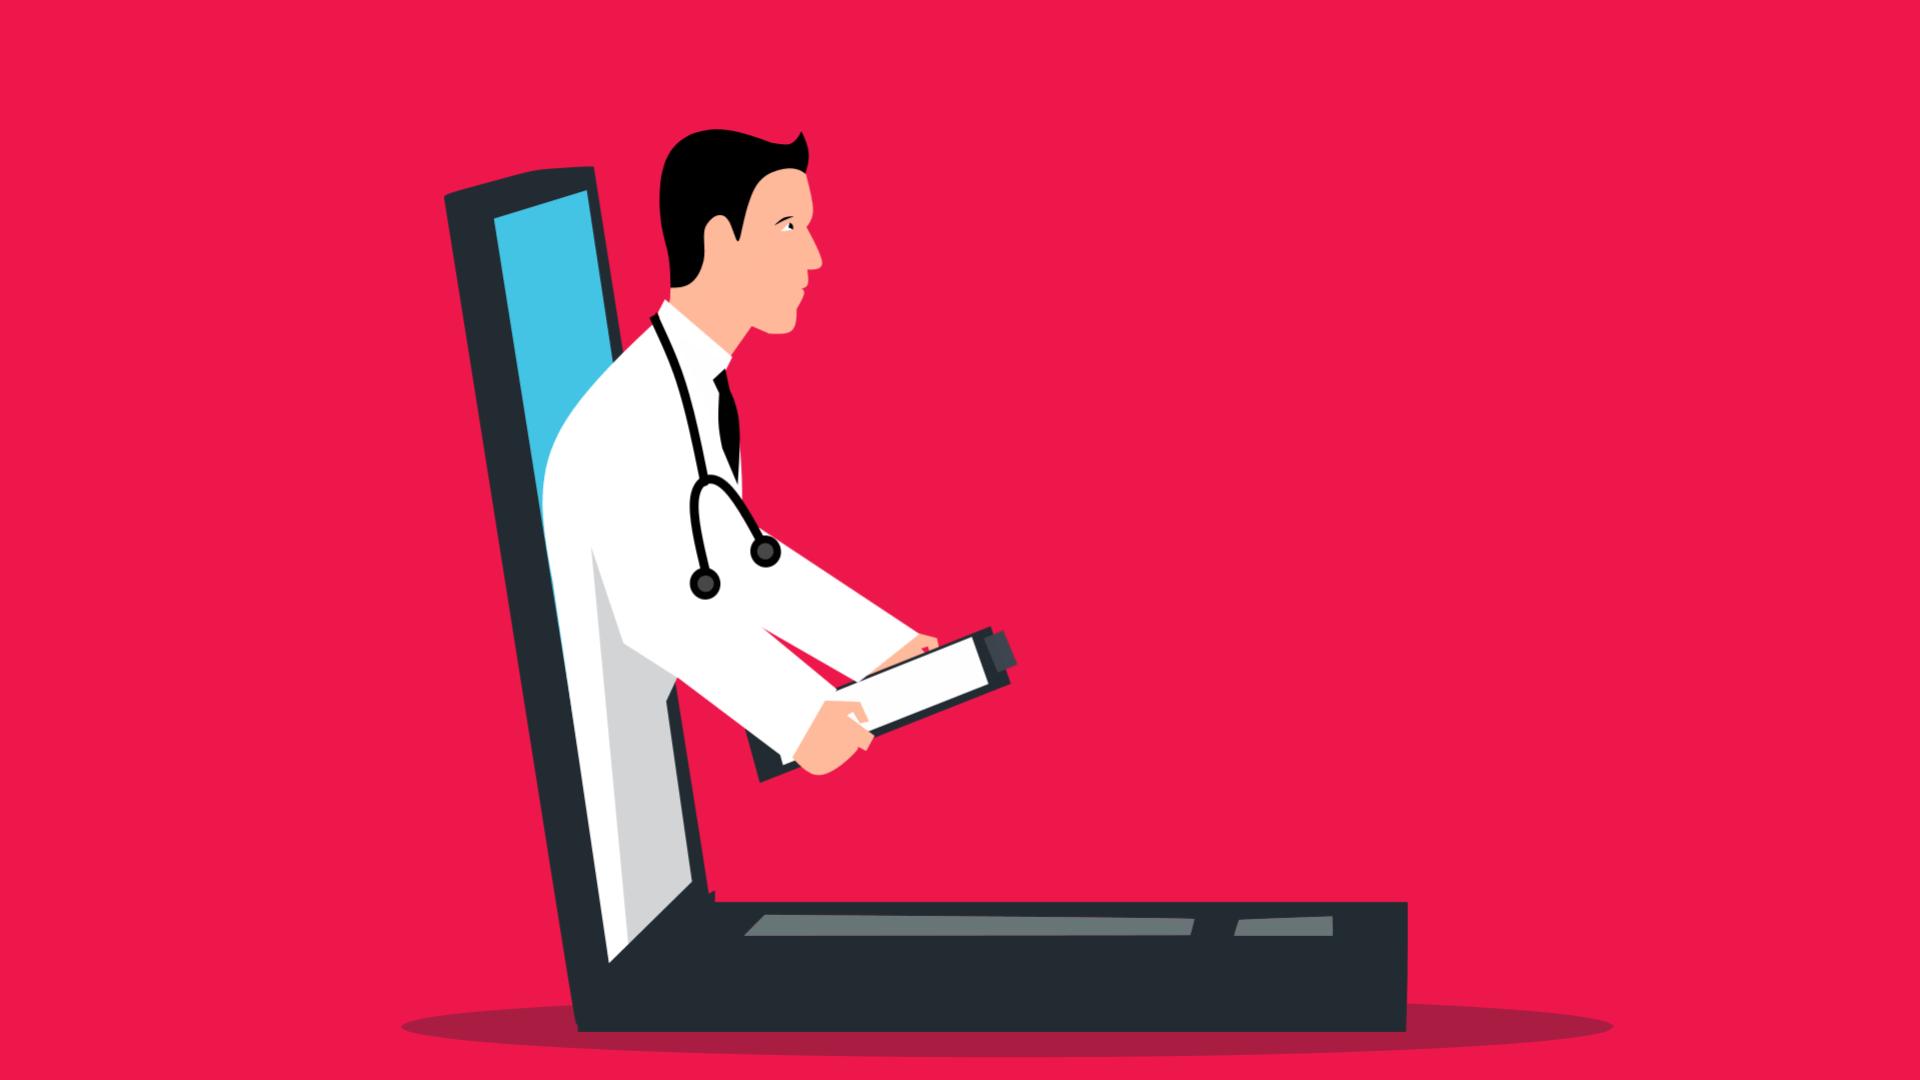 Medizin, Gesundheit, Arzt, Telemedizin